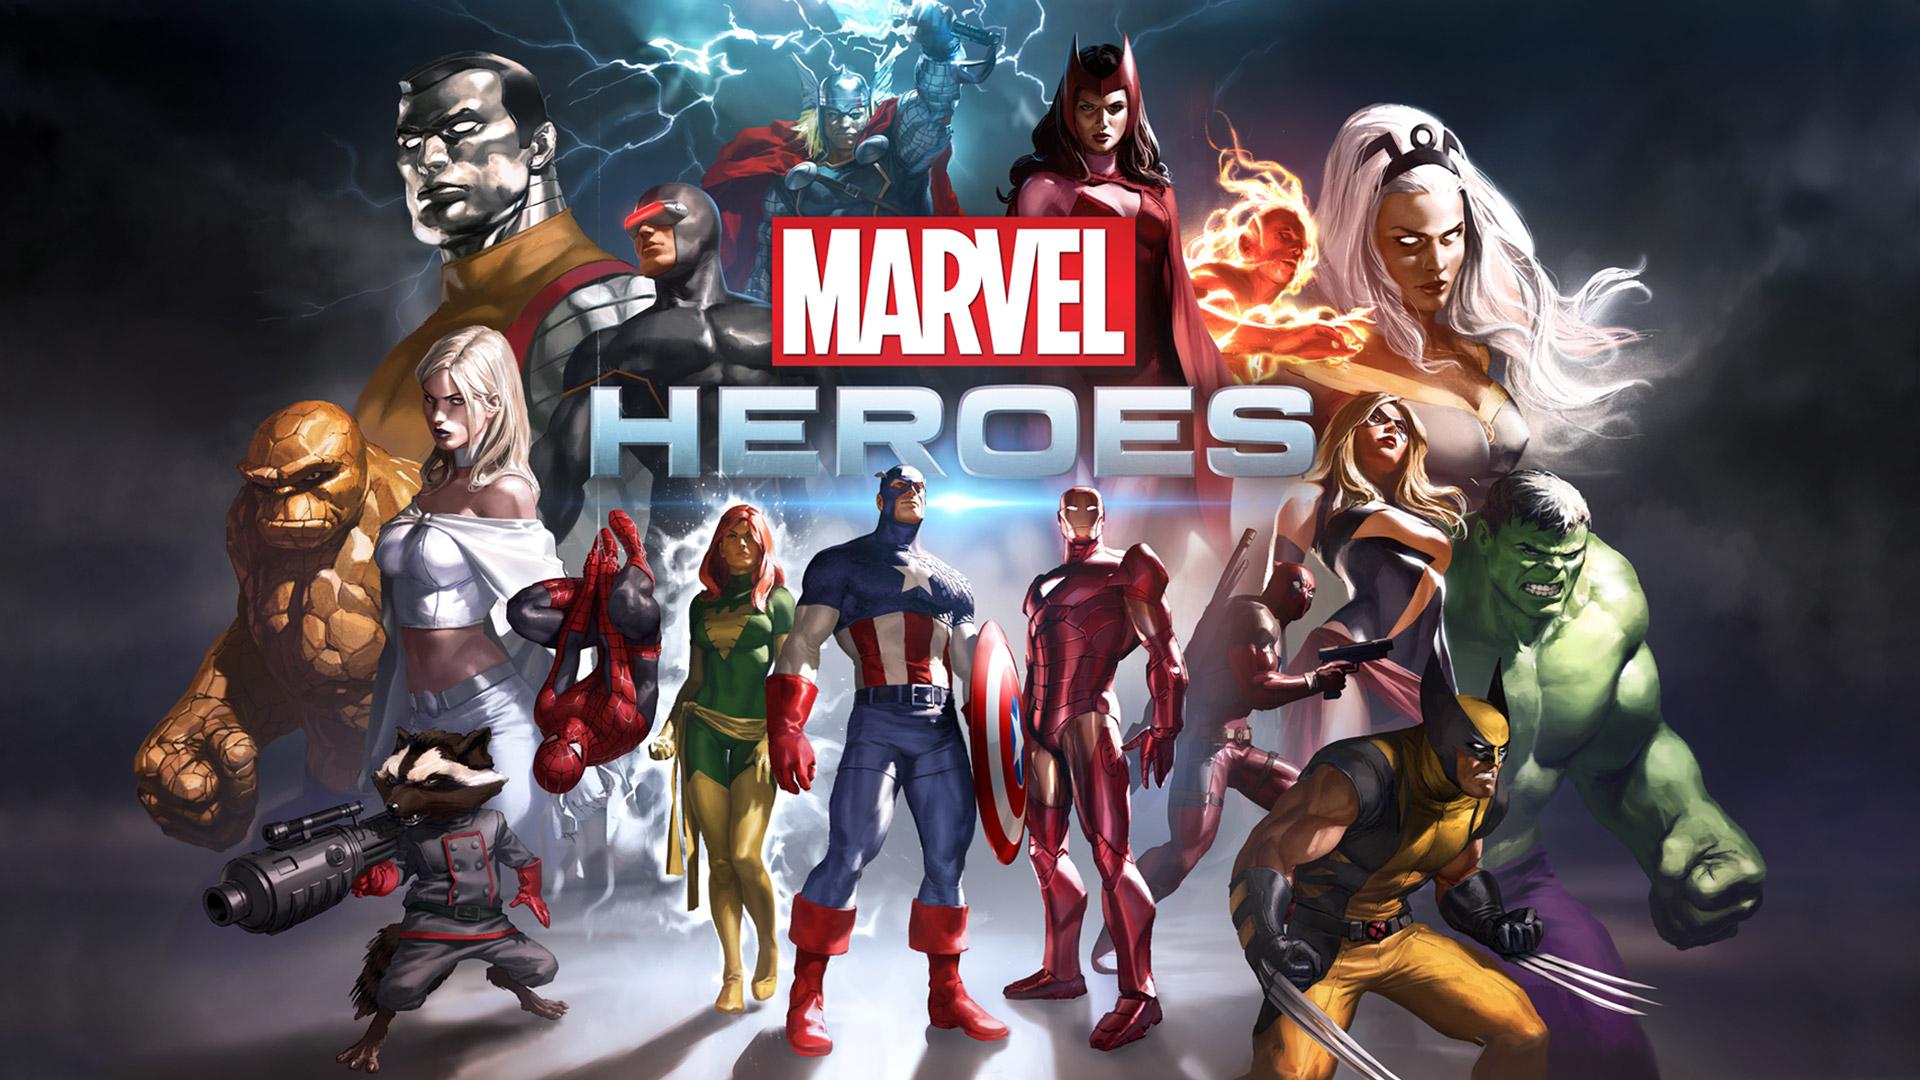 Free Marvel Heroes Wallpaper in 1920x1080